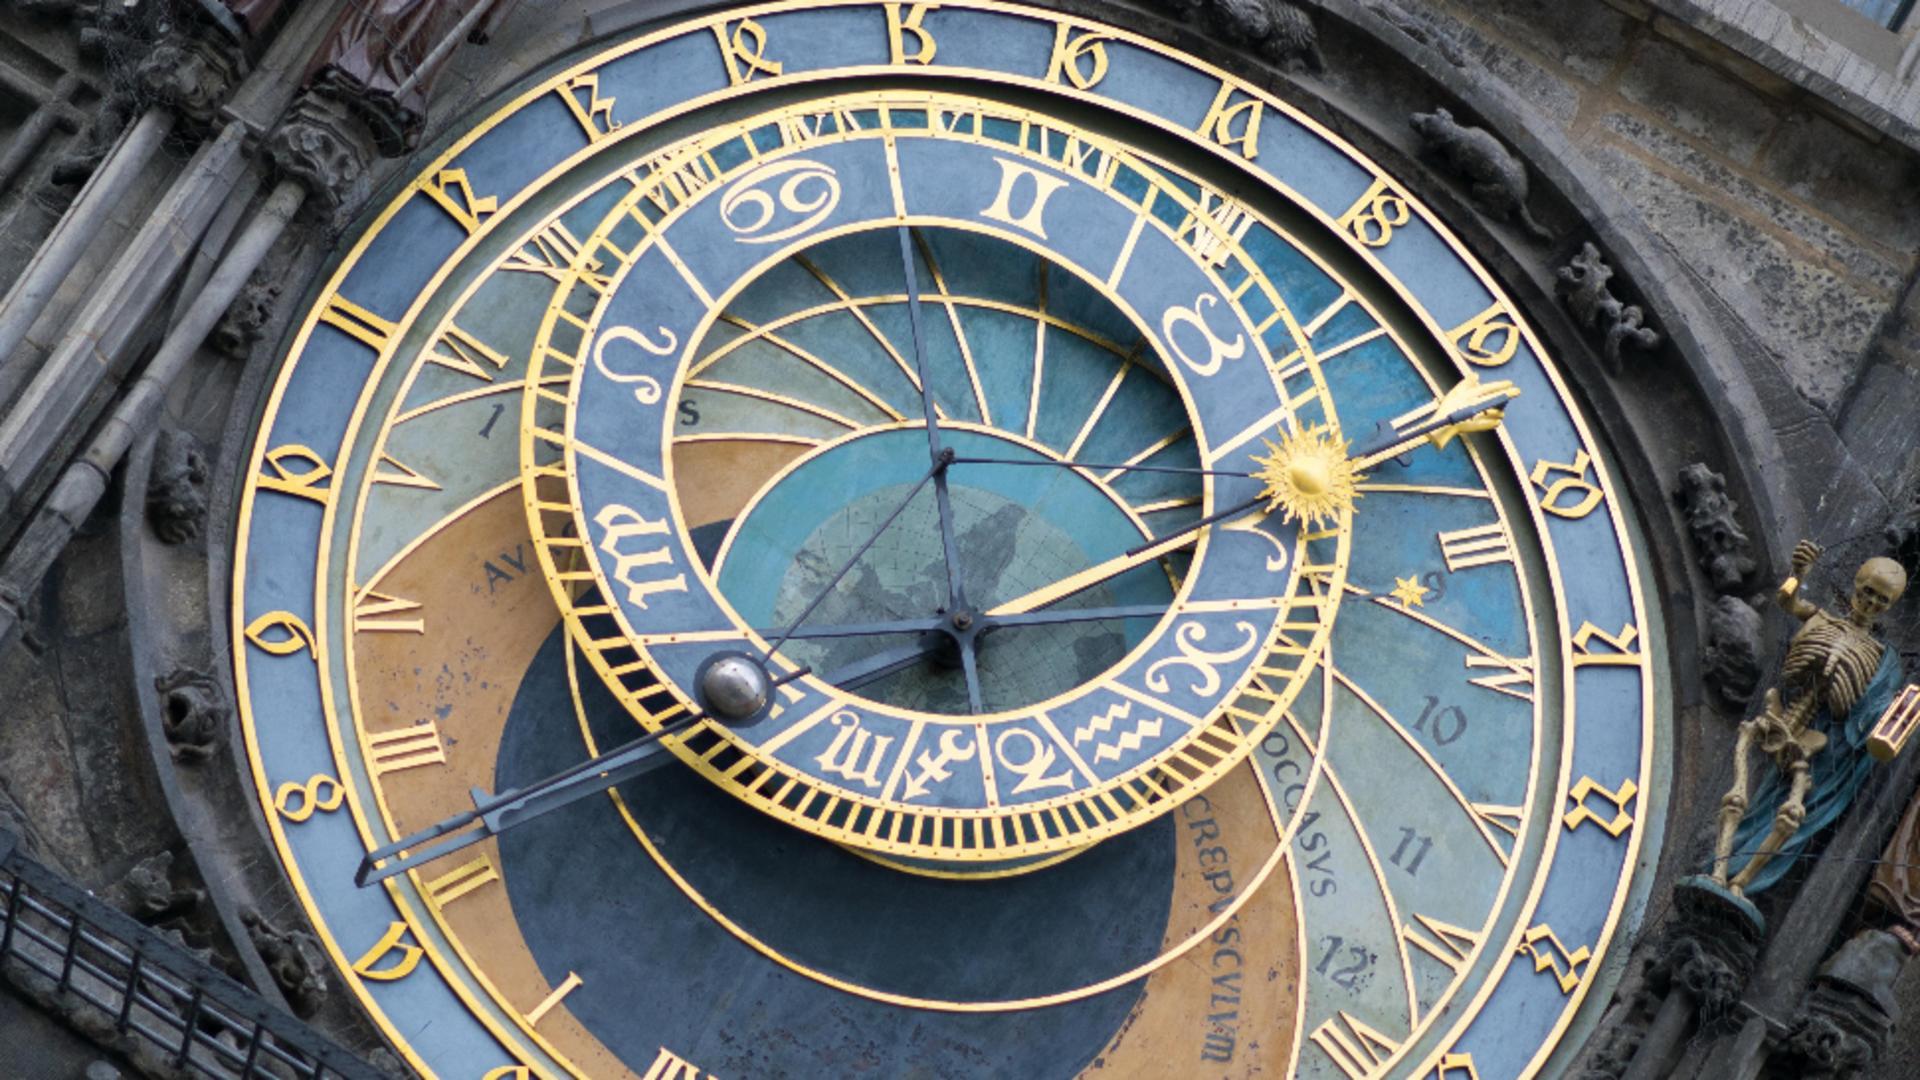 Horoscop 31 martie / Foto: Profi Media